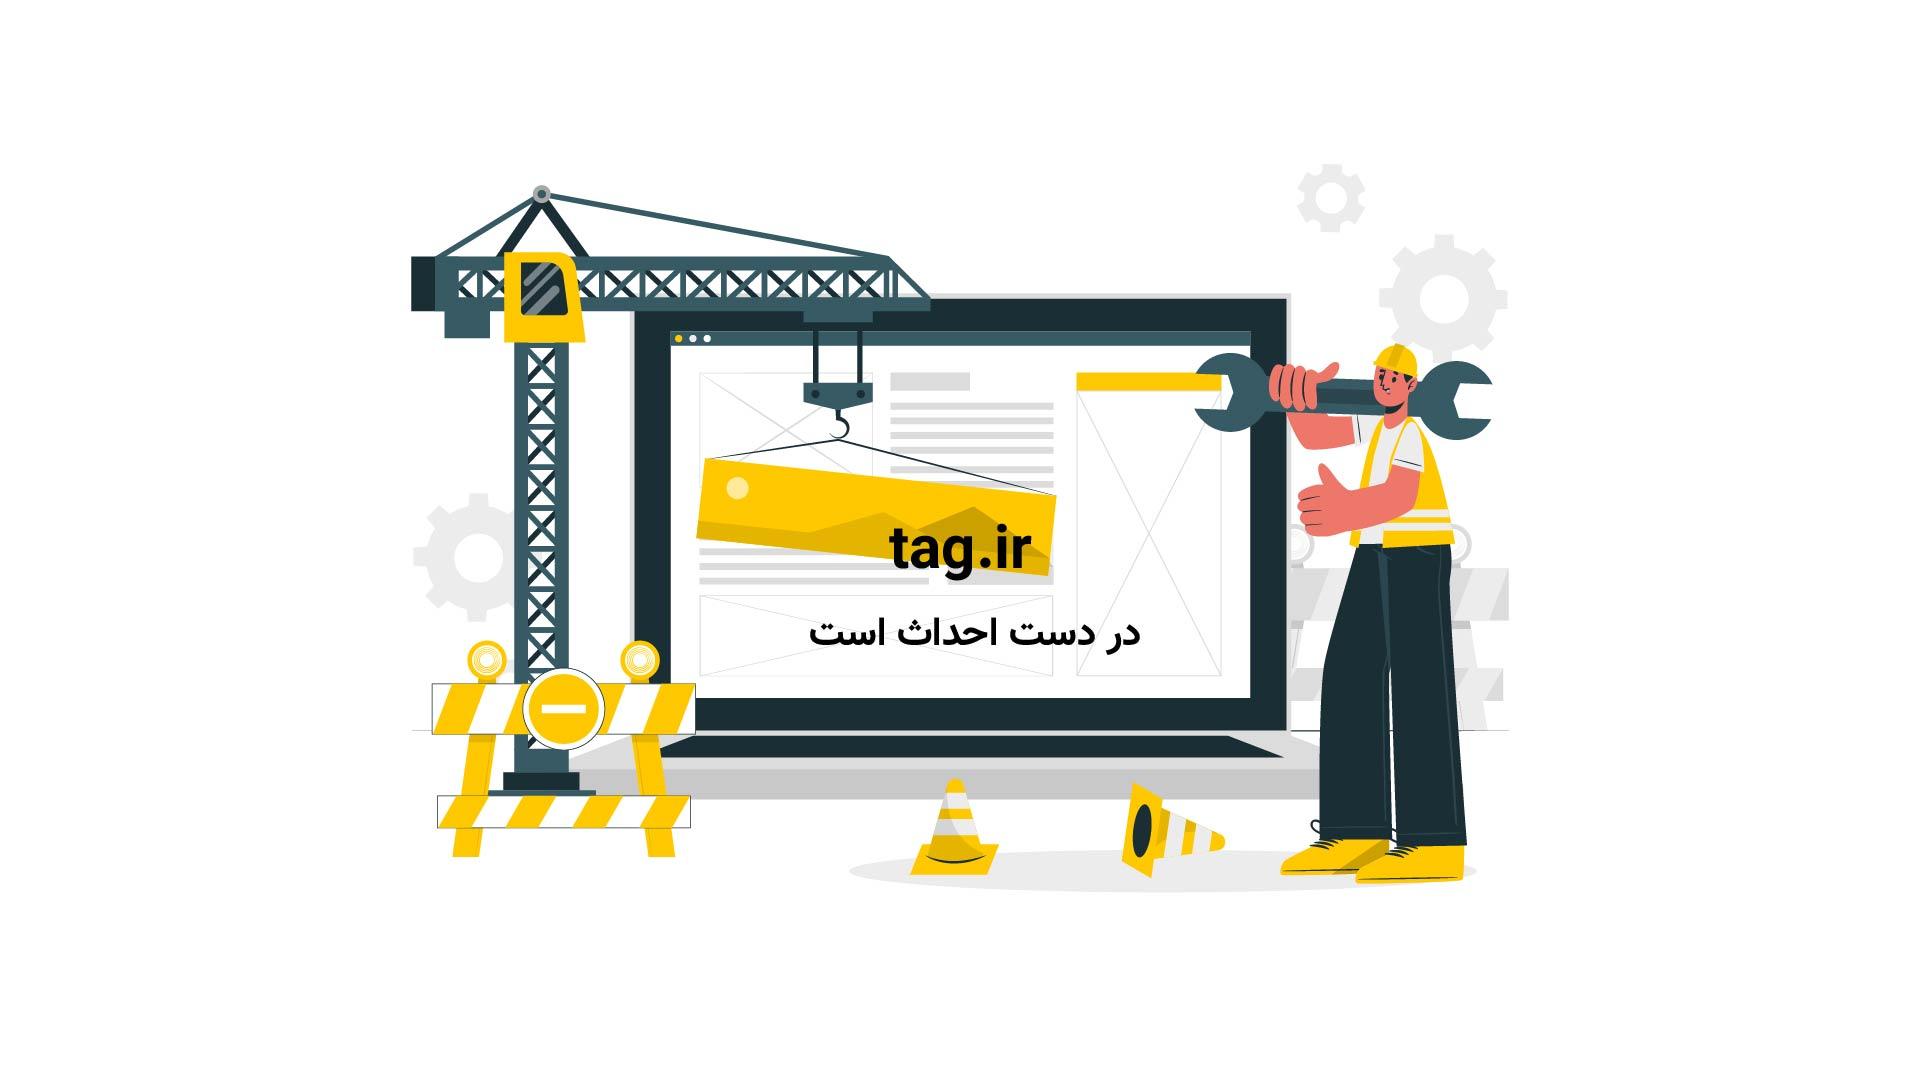 گربه سایمون با من بازی کن | تگ